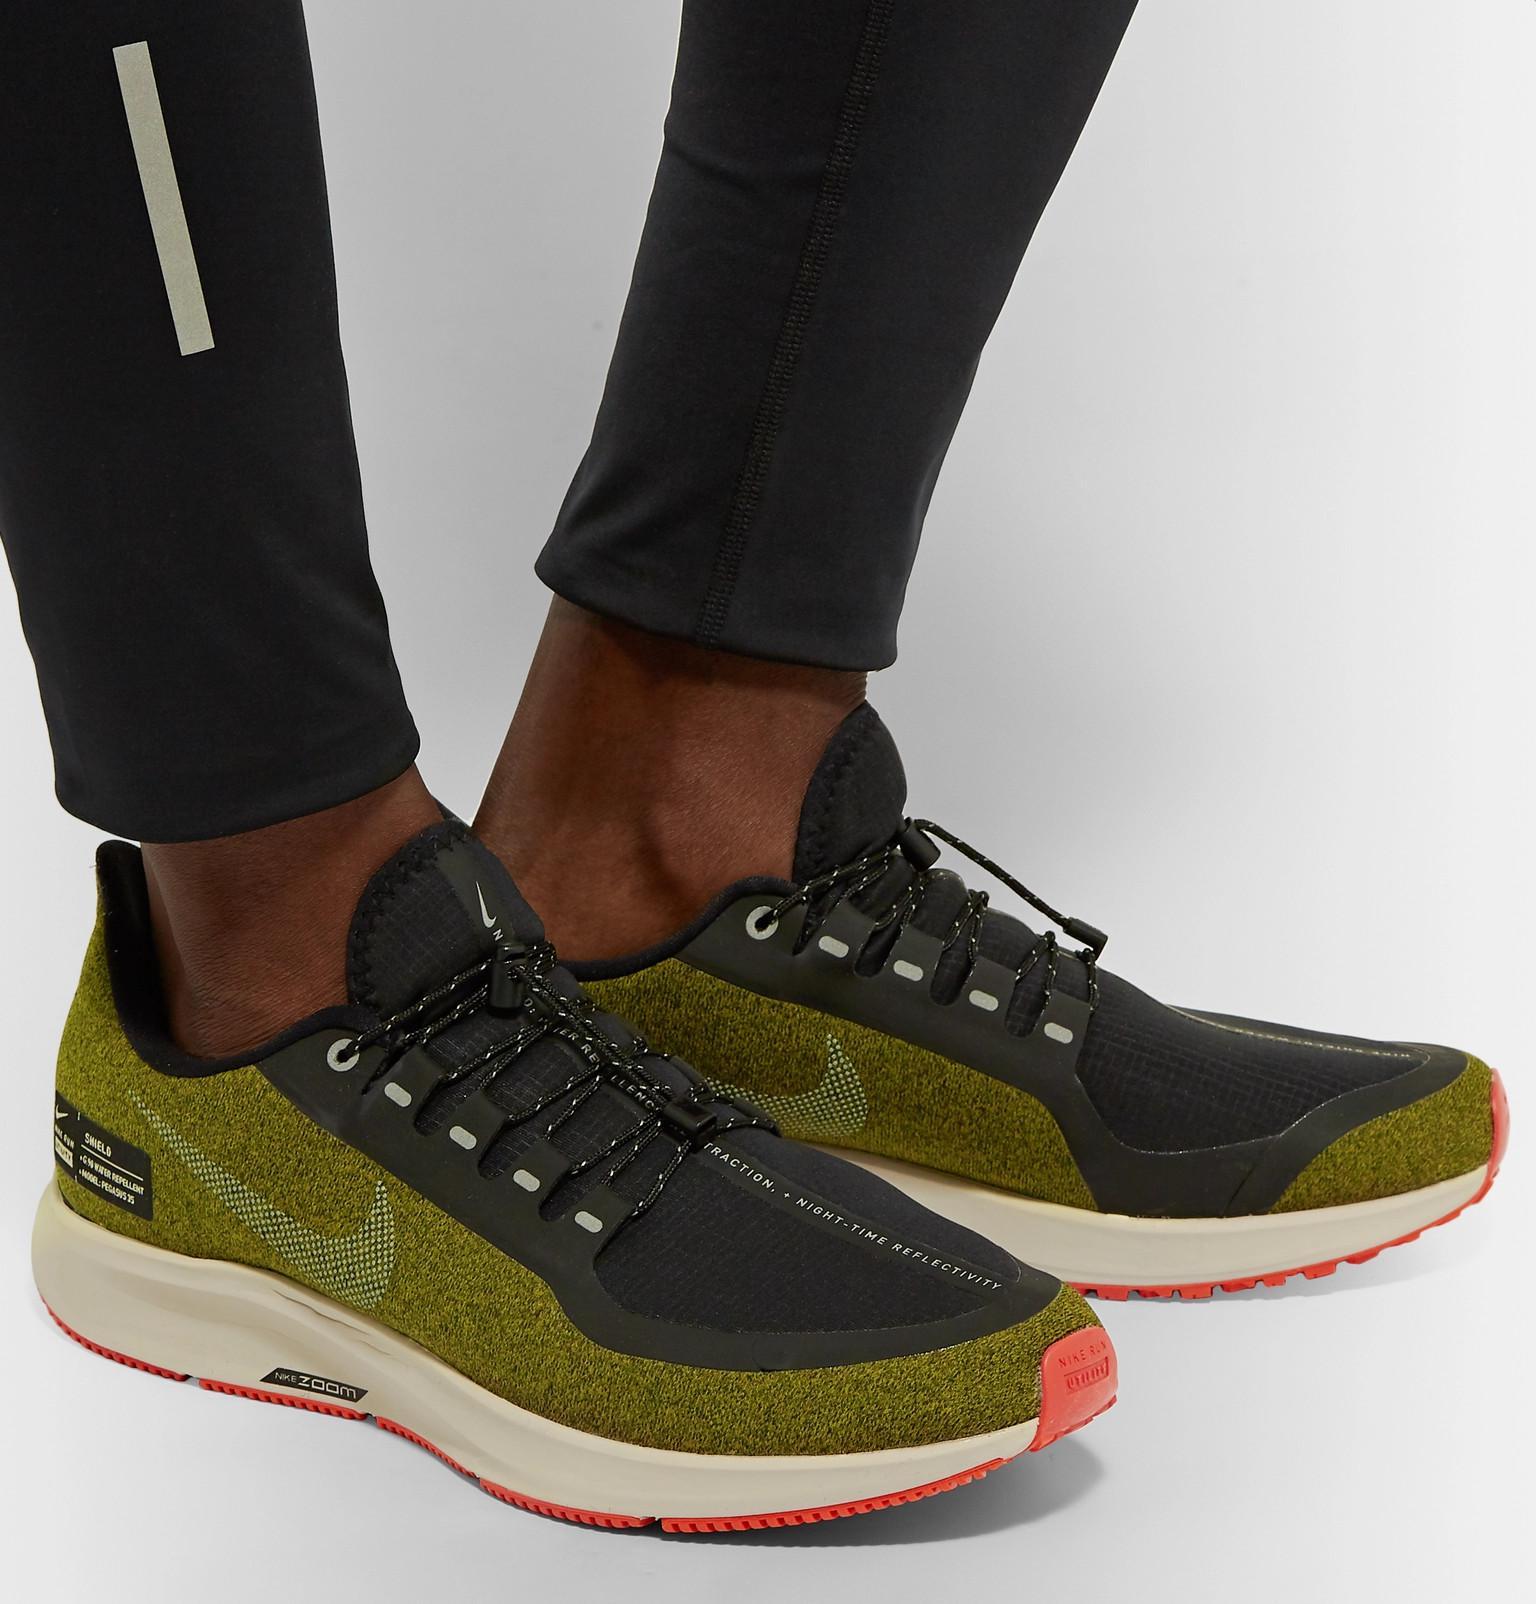 big sale 75b74 9c151 Nike - Green Air Zoom Pegasus 35 Shield Water-repellent Sneakers for Men -  Lyst. View fullscreen